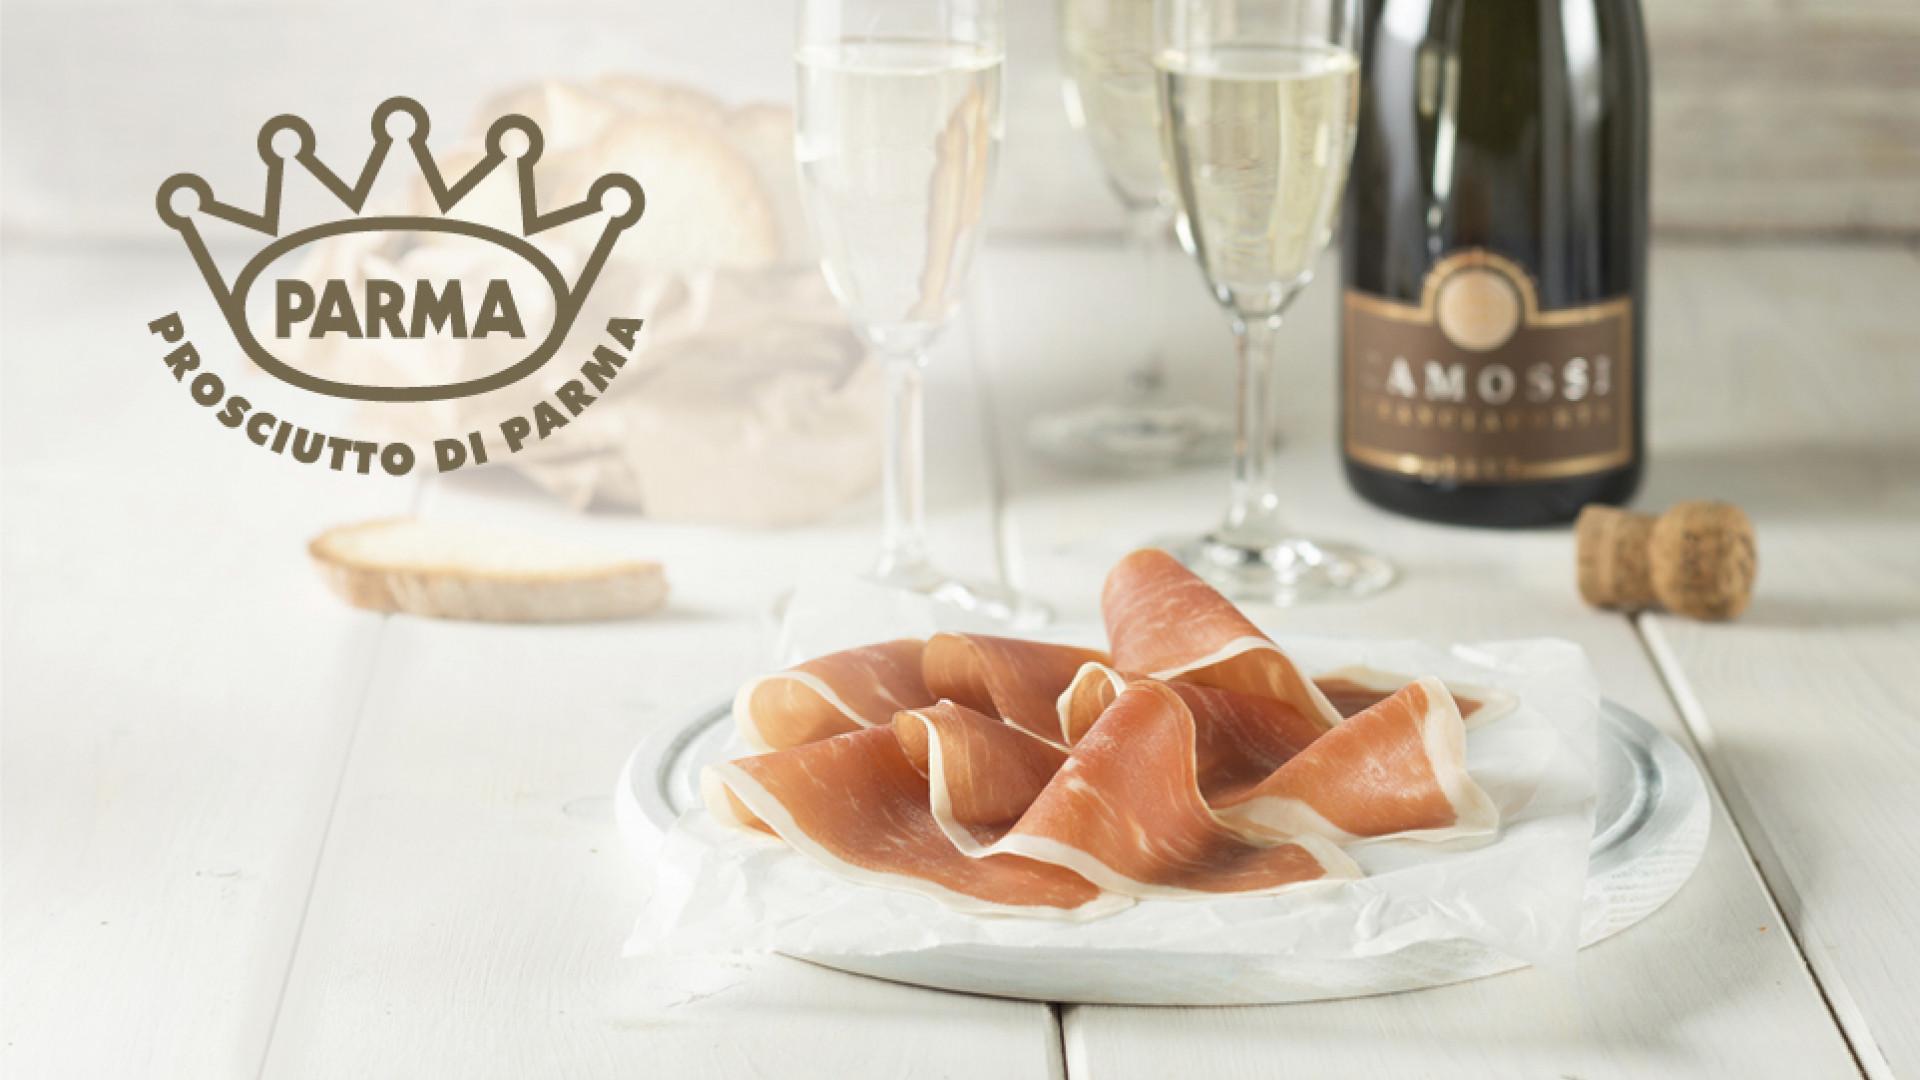 Prosciutto di Parma and red wine